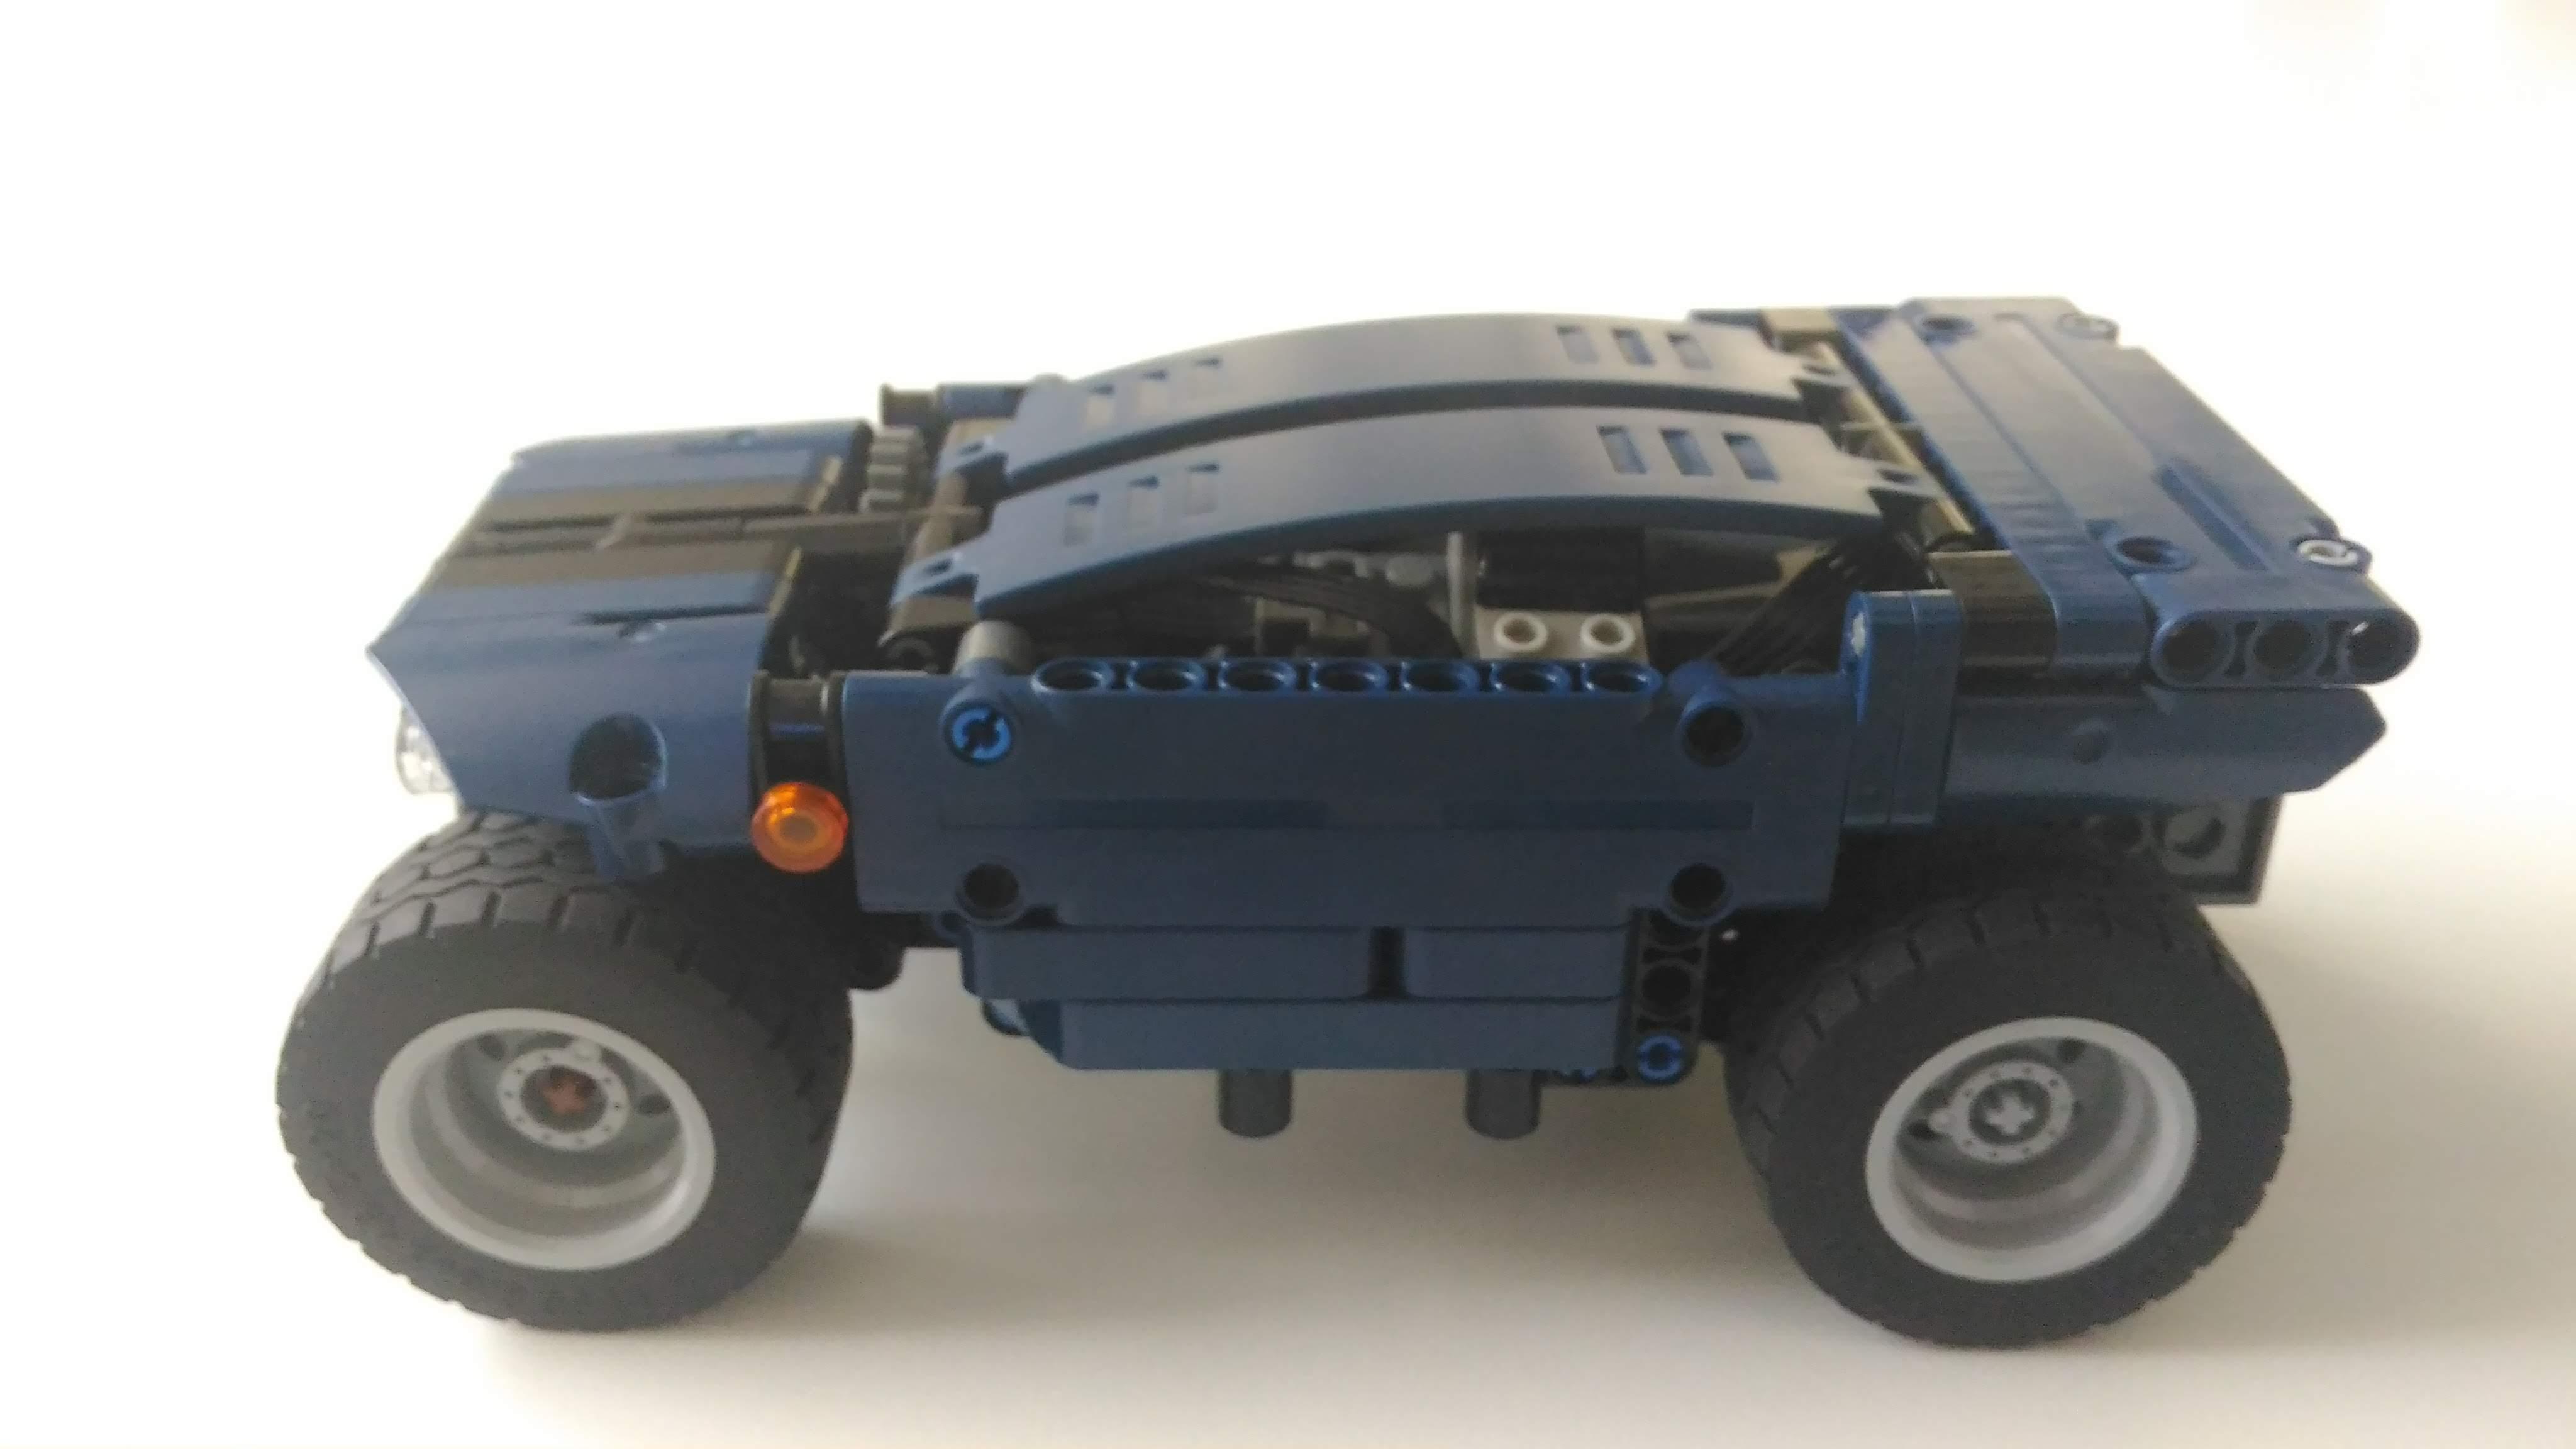 Lexus RX45 by braker23